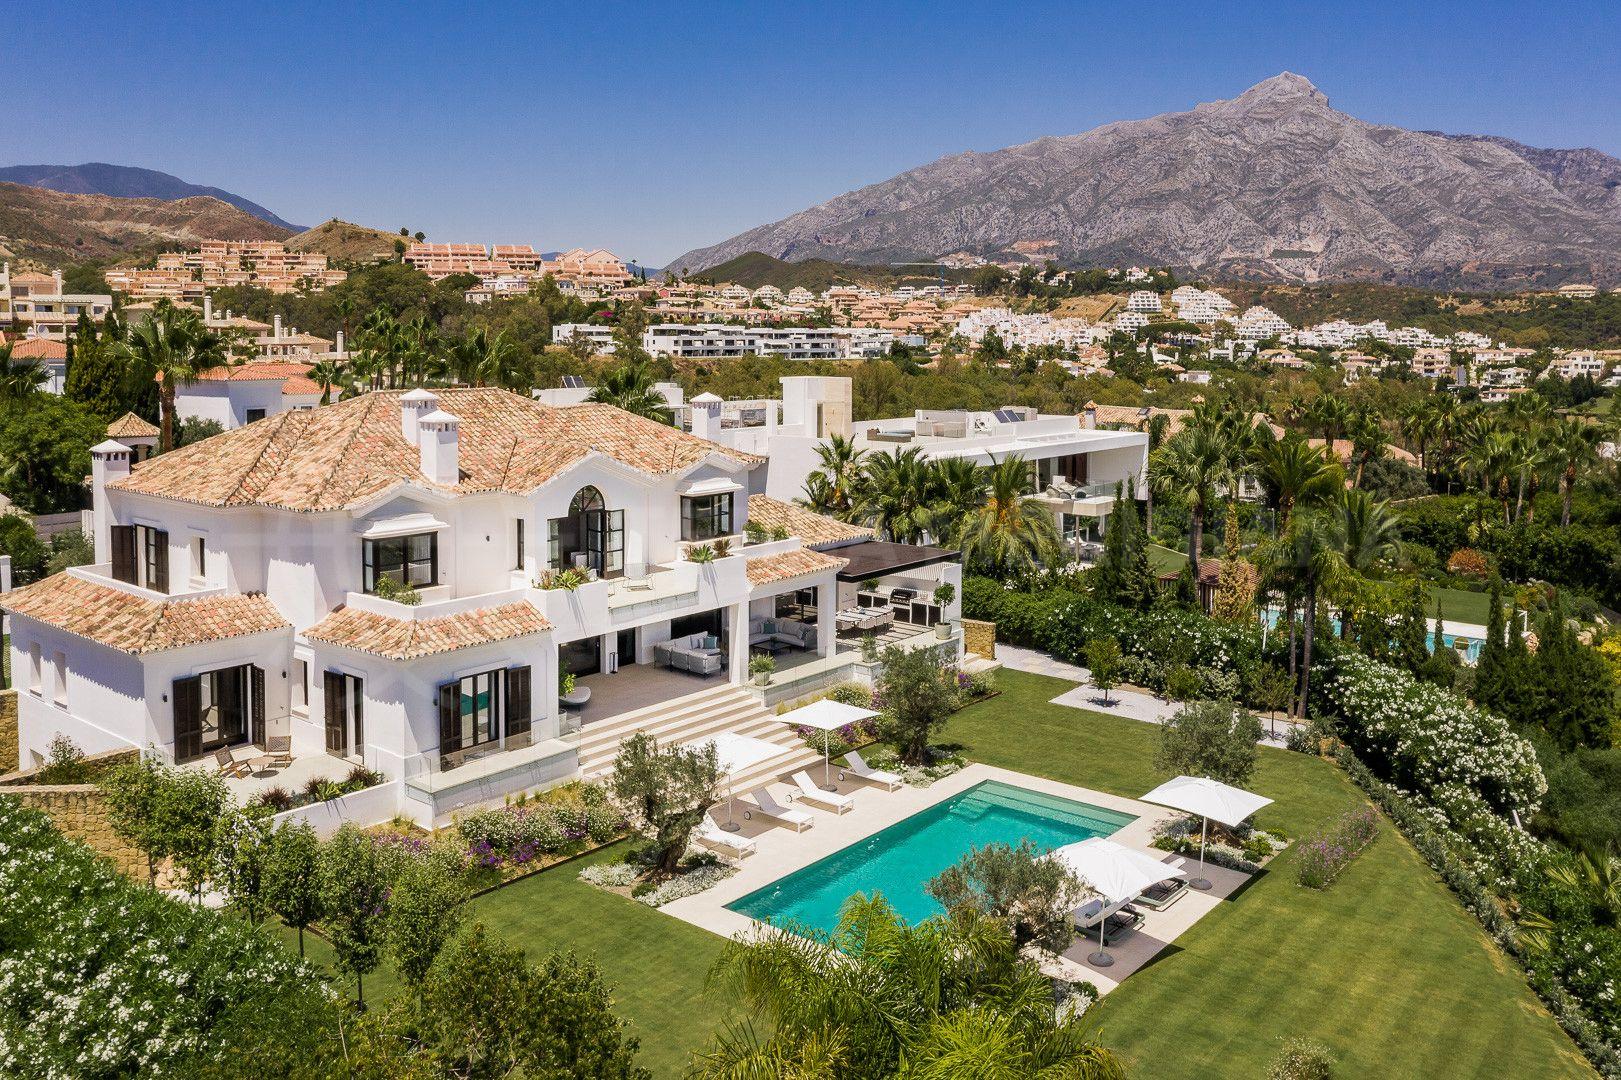 Villa Cerquilla – Marbella en su máximo esplendor